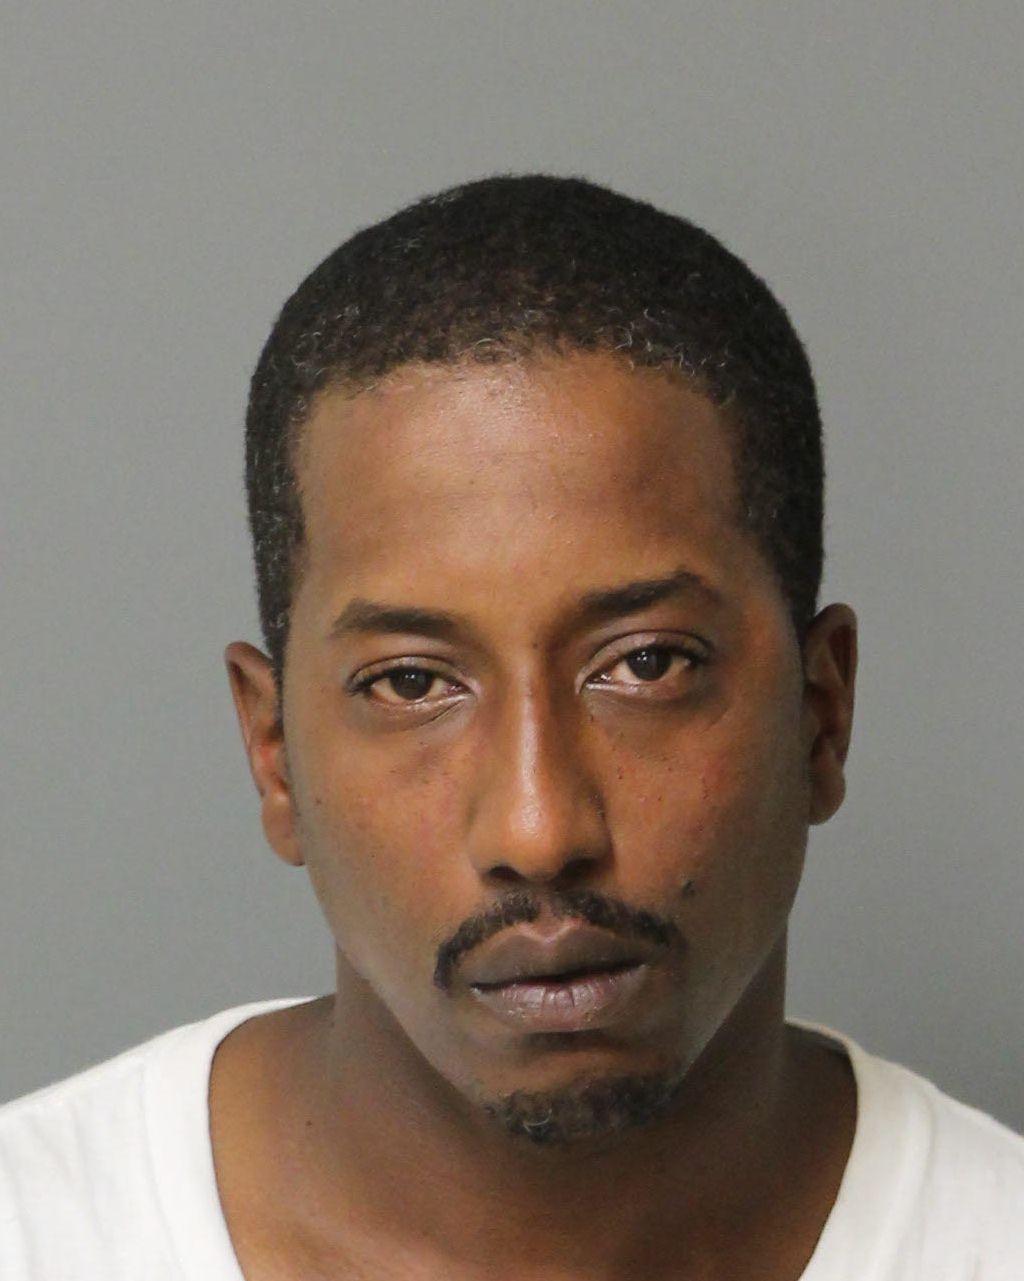 WEAVER DAVID REGINALD Mugshot / County Arrests / Wake County Arrests